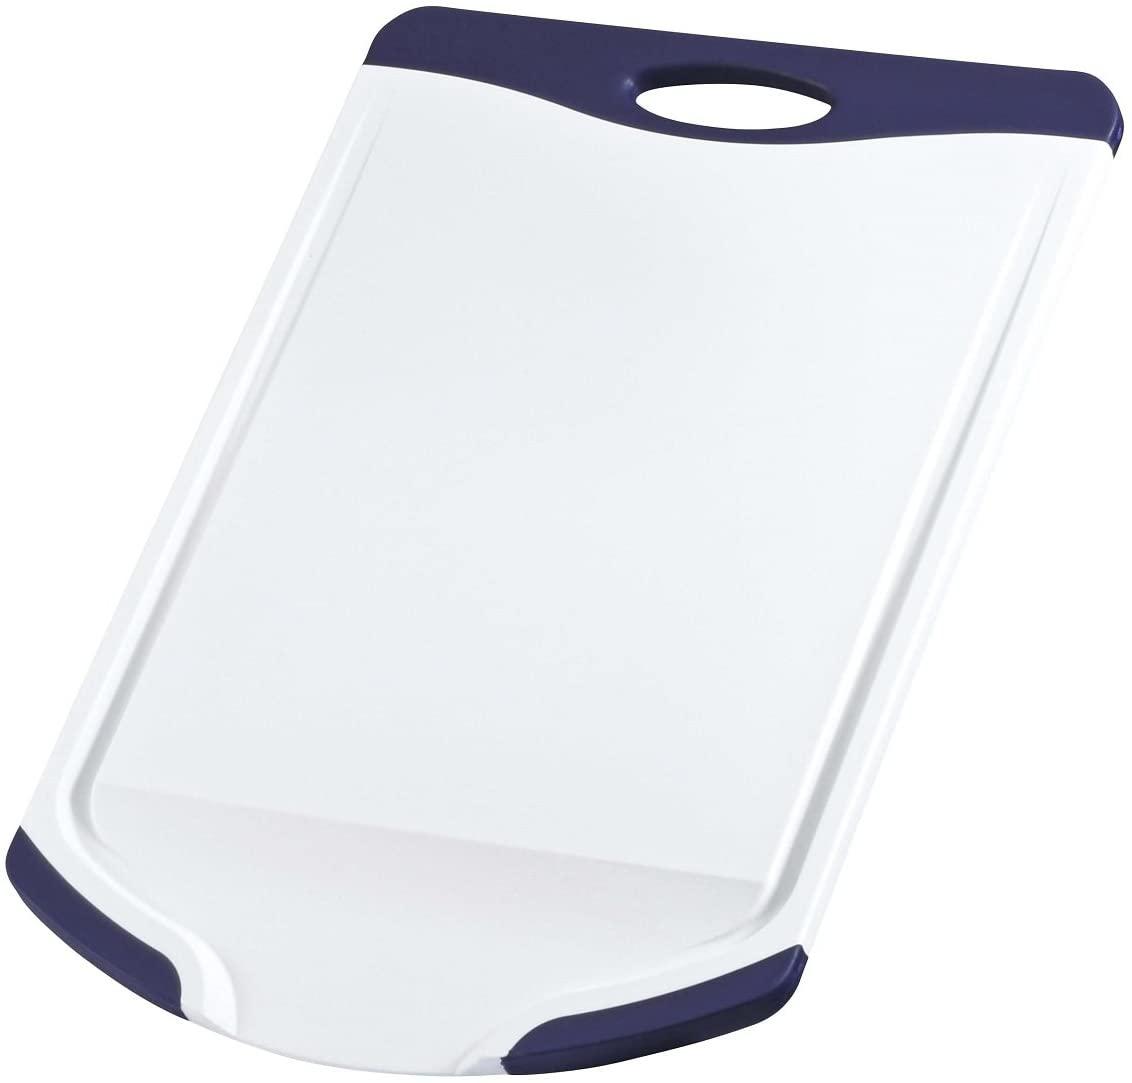 Bestco(ベストコ) ネオフラム 抗菌カッティングボード Fcm ホワイトの商品画像